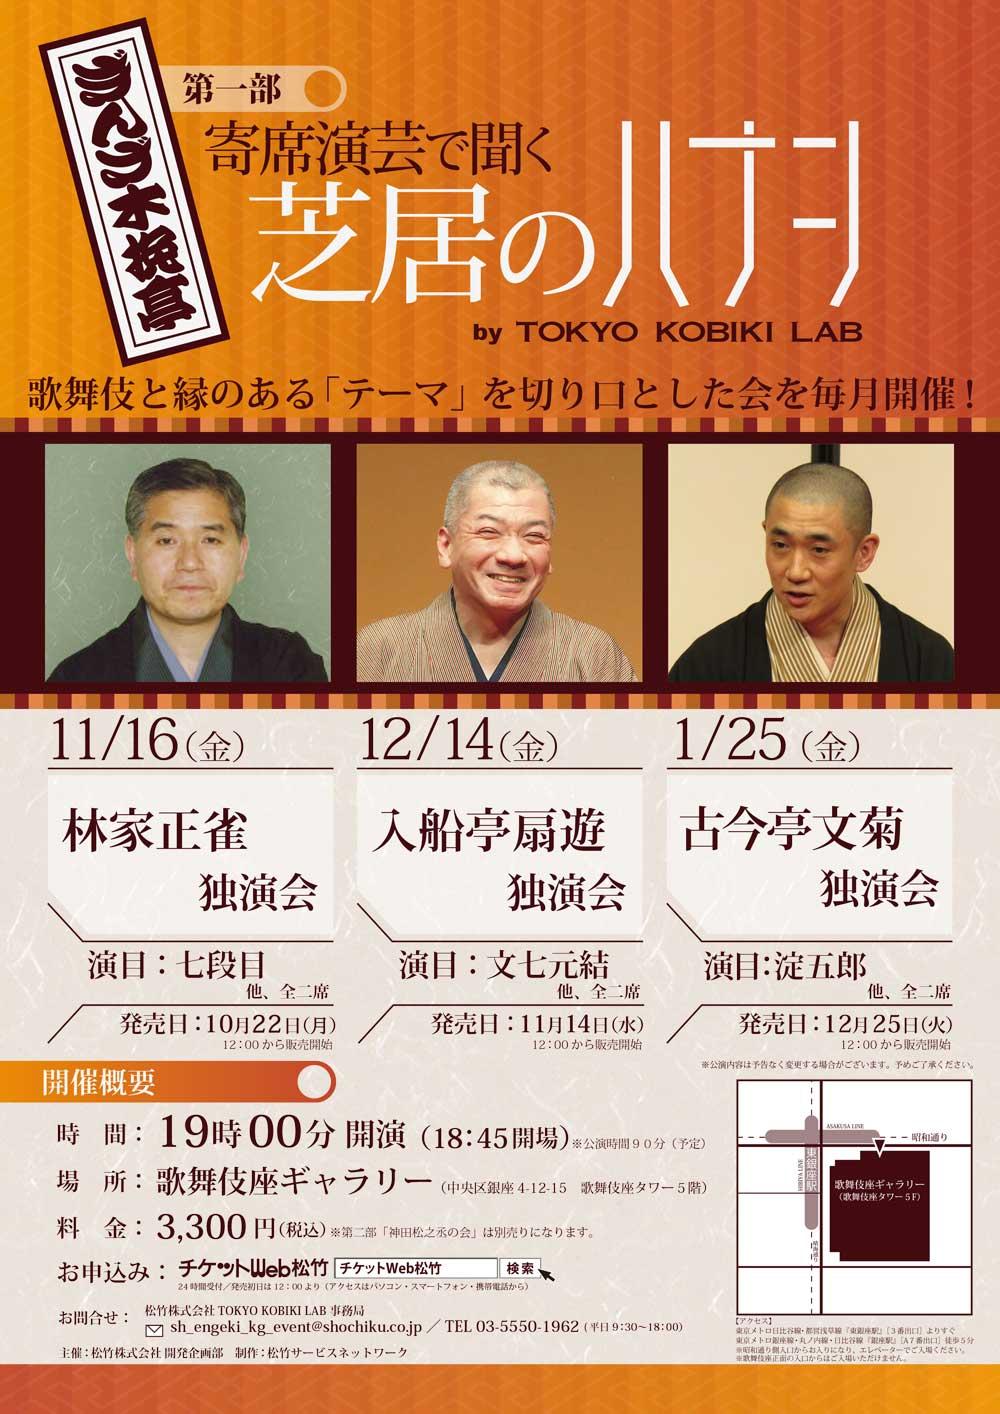 歌舞伎座ギャラリー、第六回「ぎんざ木挽亭」のお知らせ